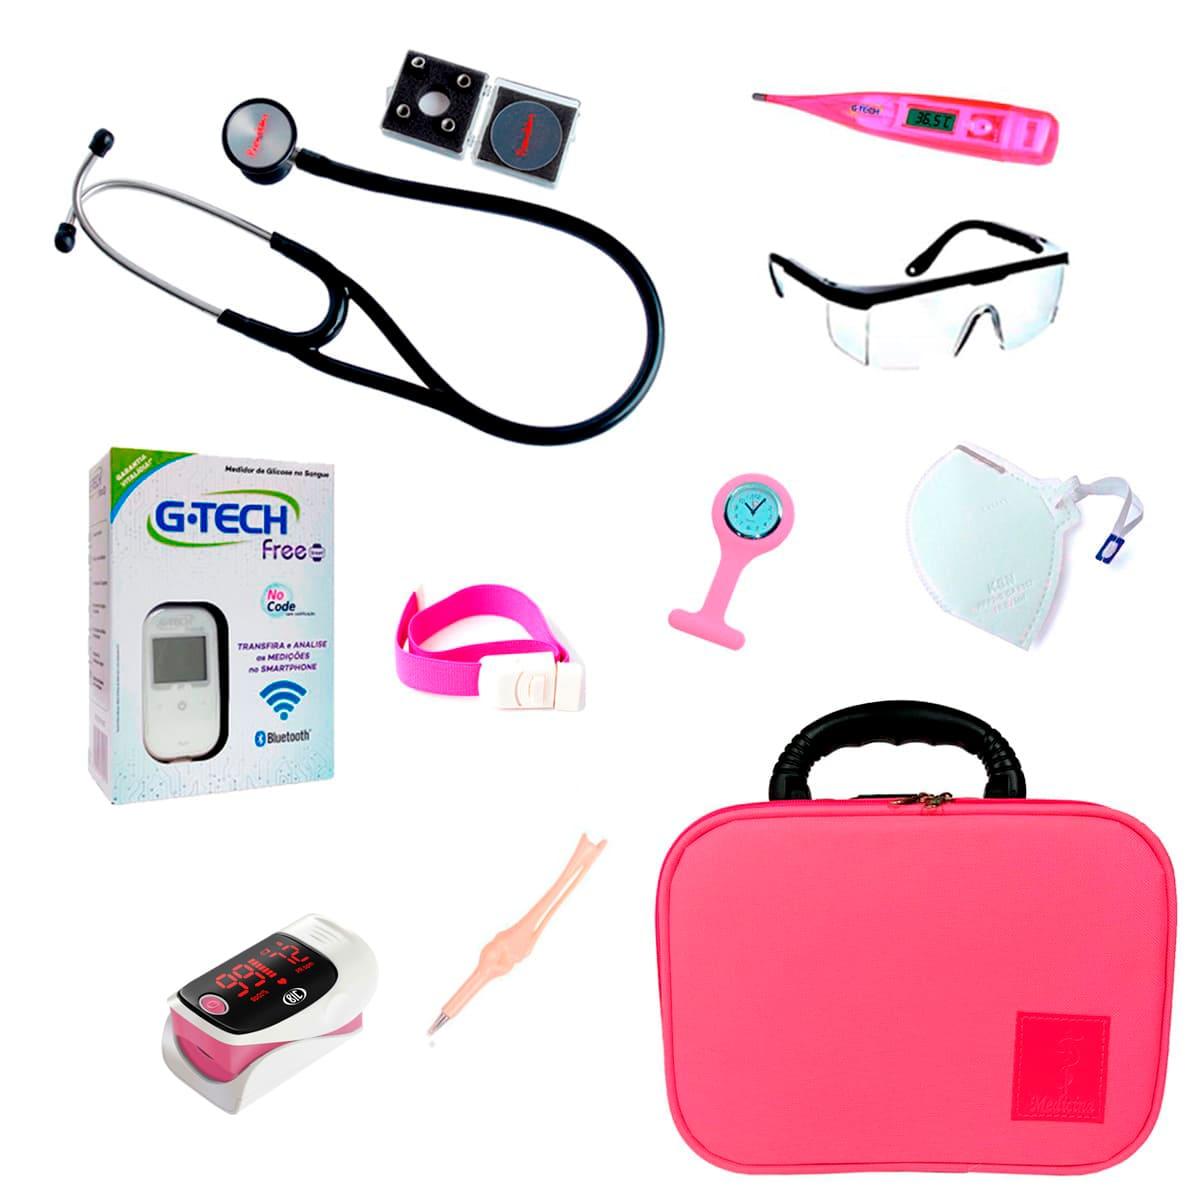 Kit Para Medicina Estetoscópio Cardiológico